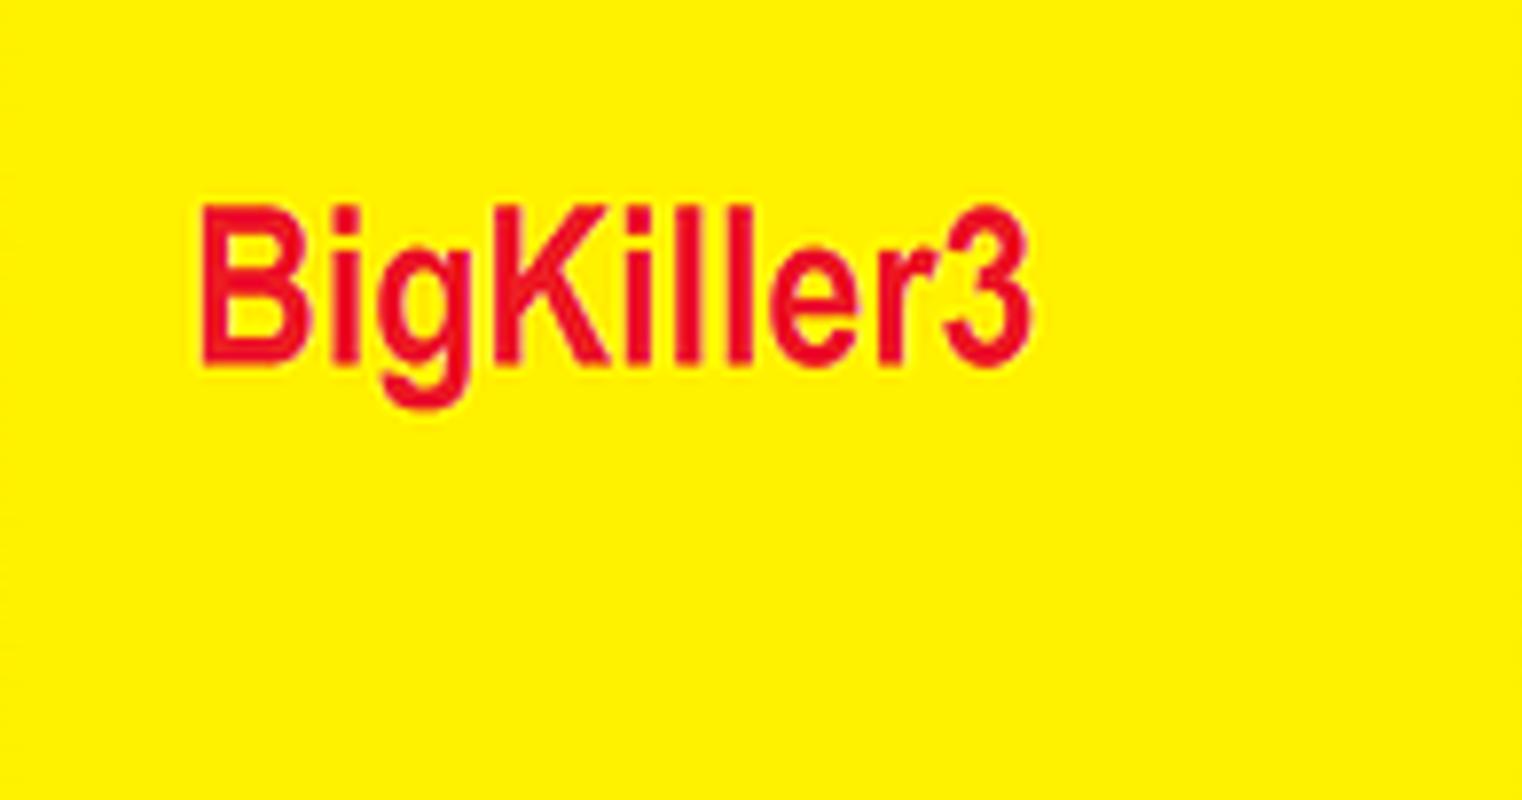 Play BigKiller3